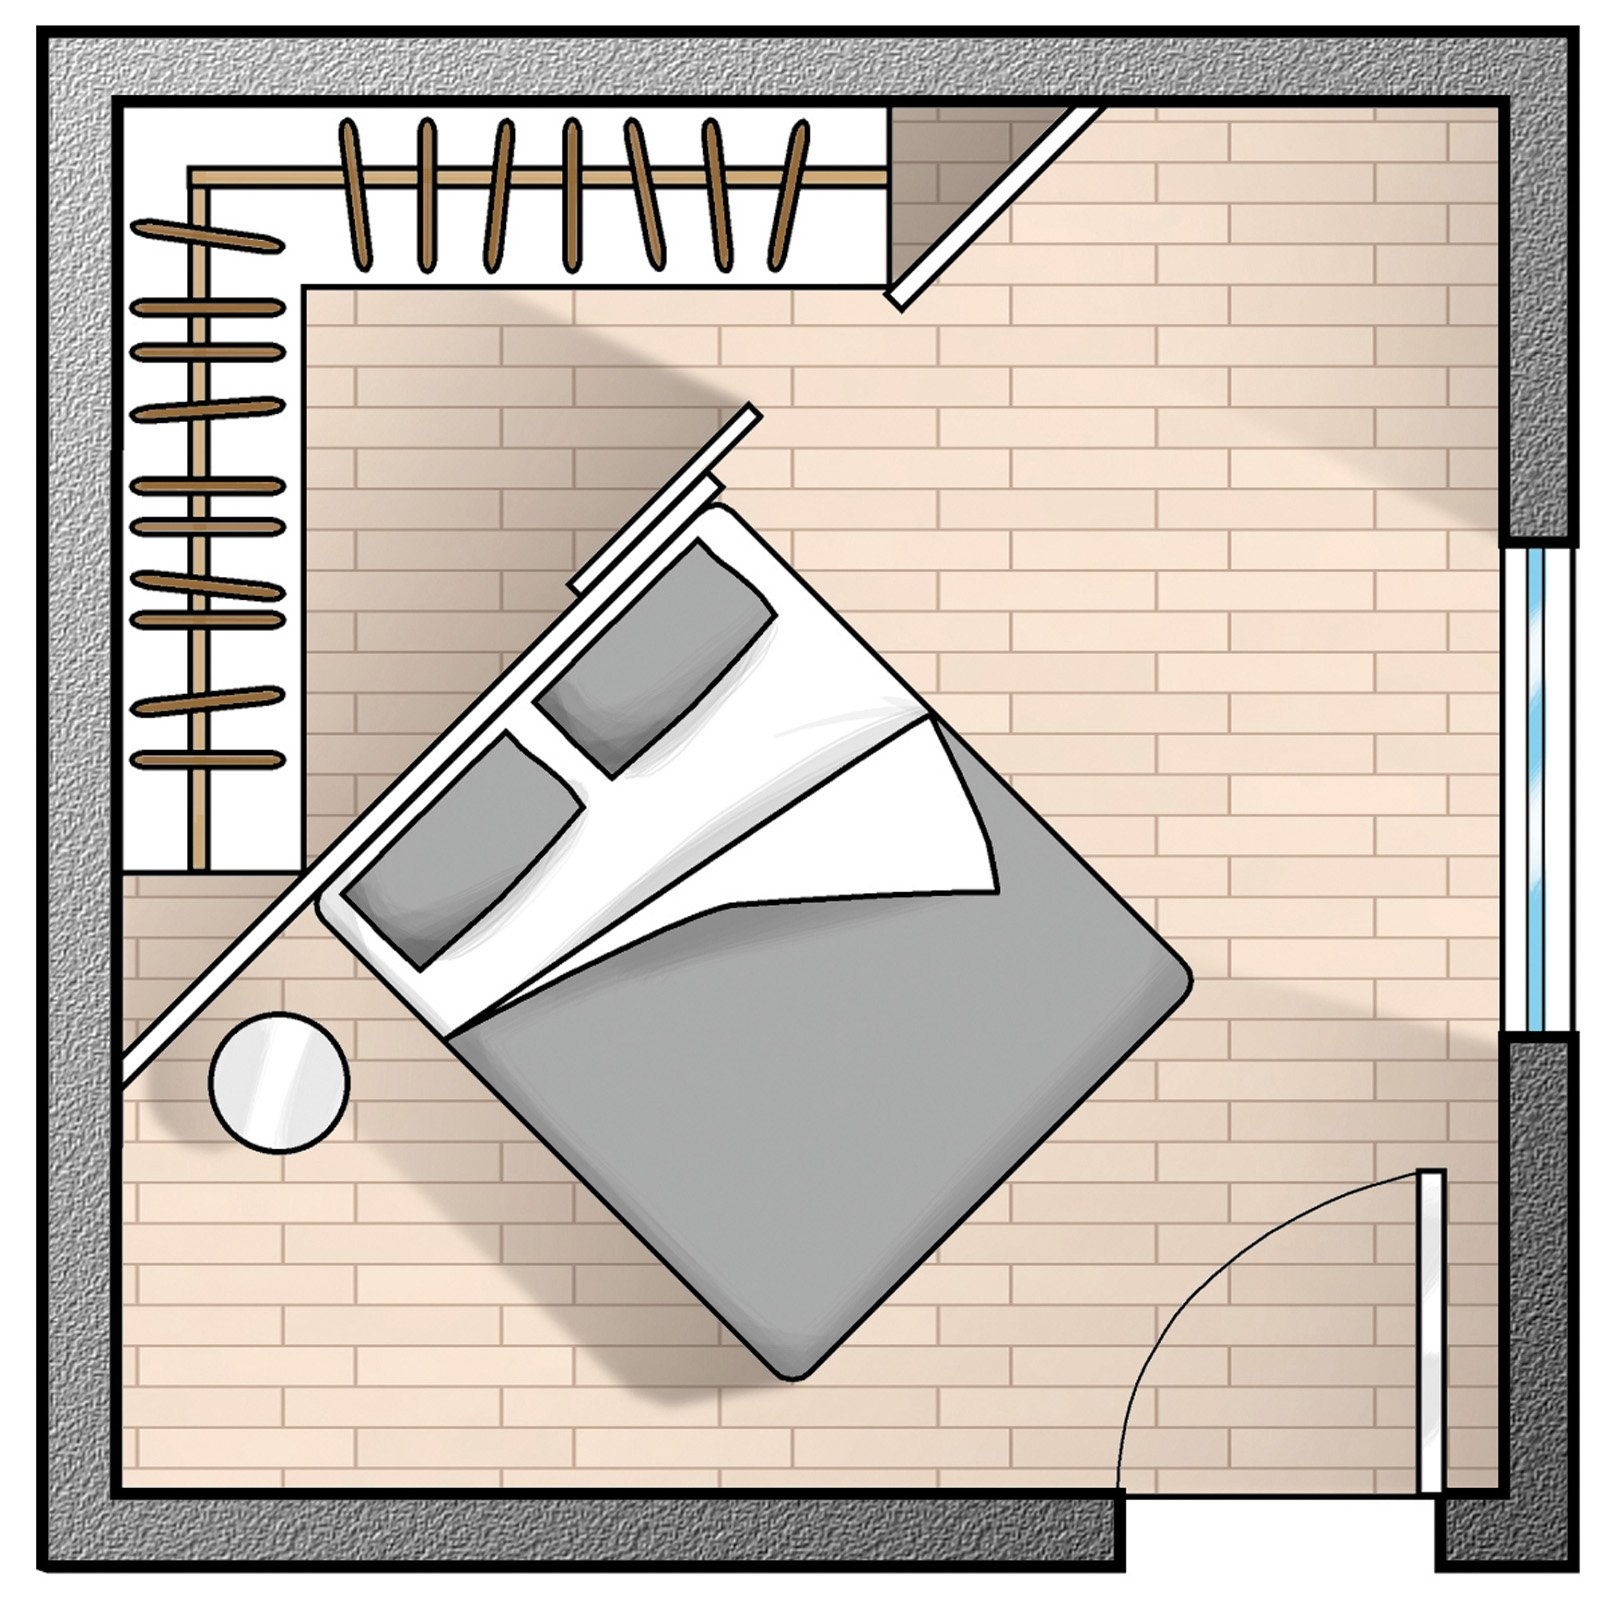 cabine armadio, soluzione trendy - cose di casa - Idee Di Cabine Armadio In Cartongesso